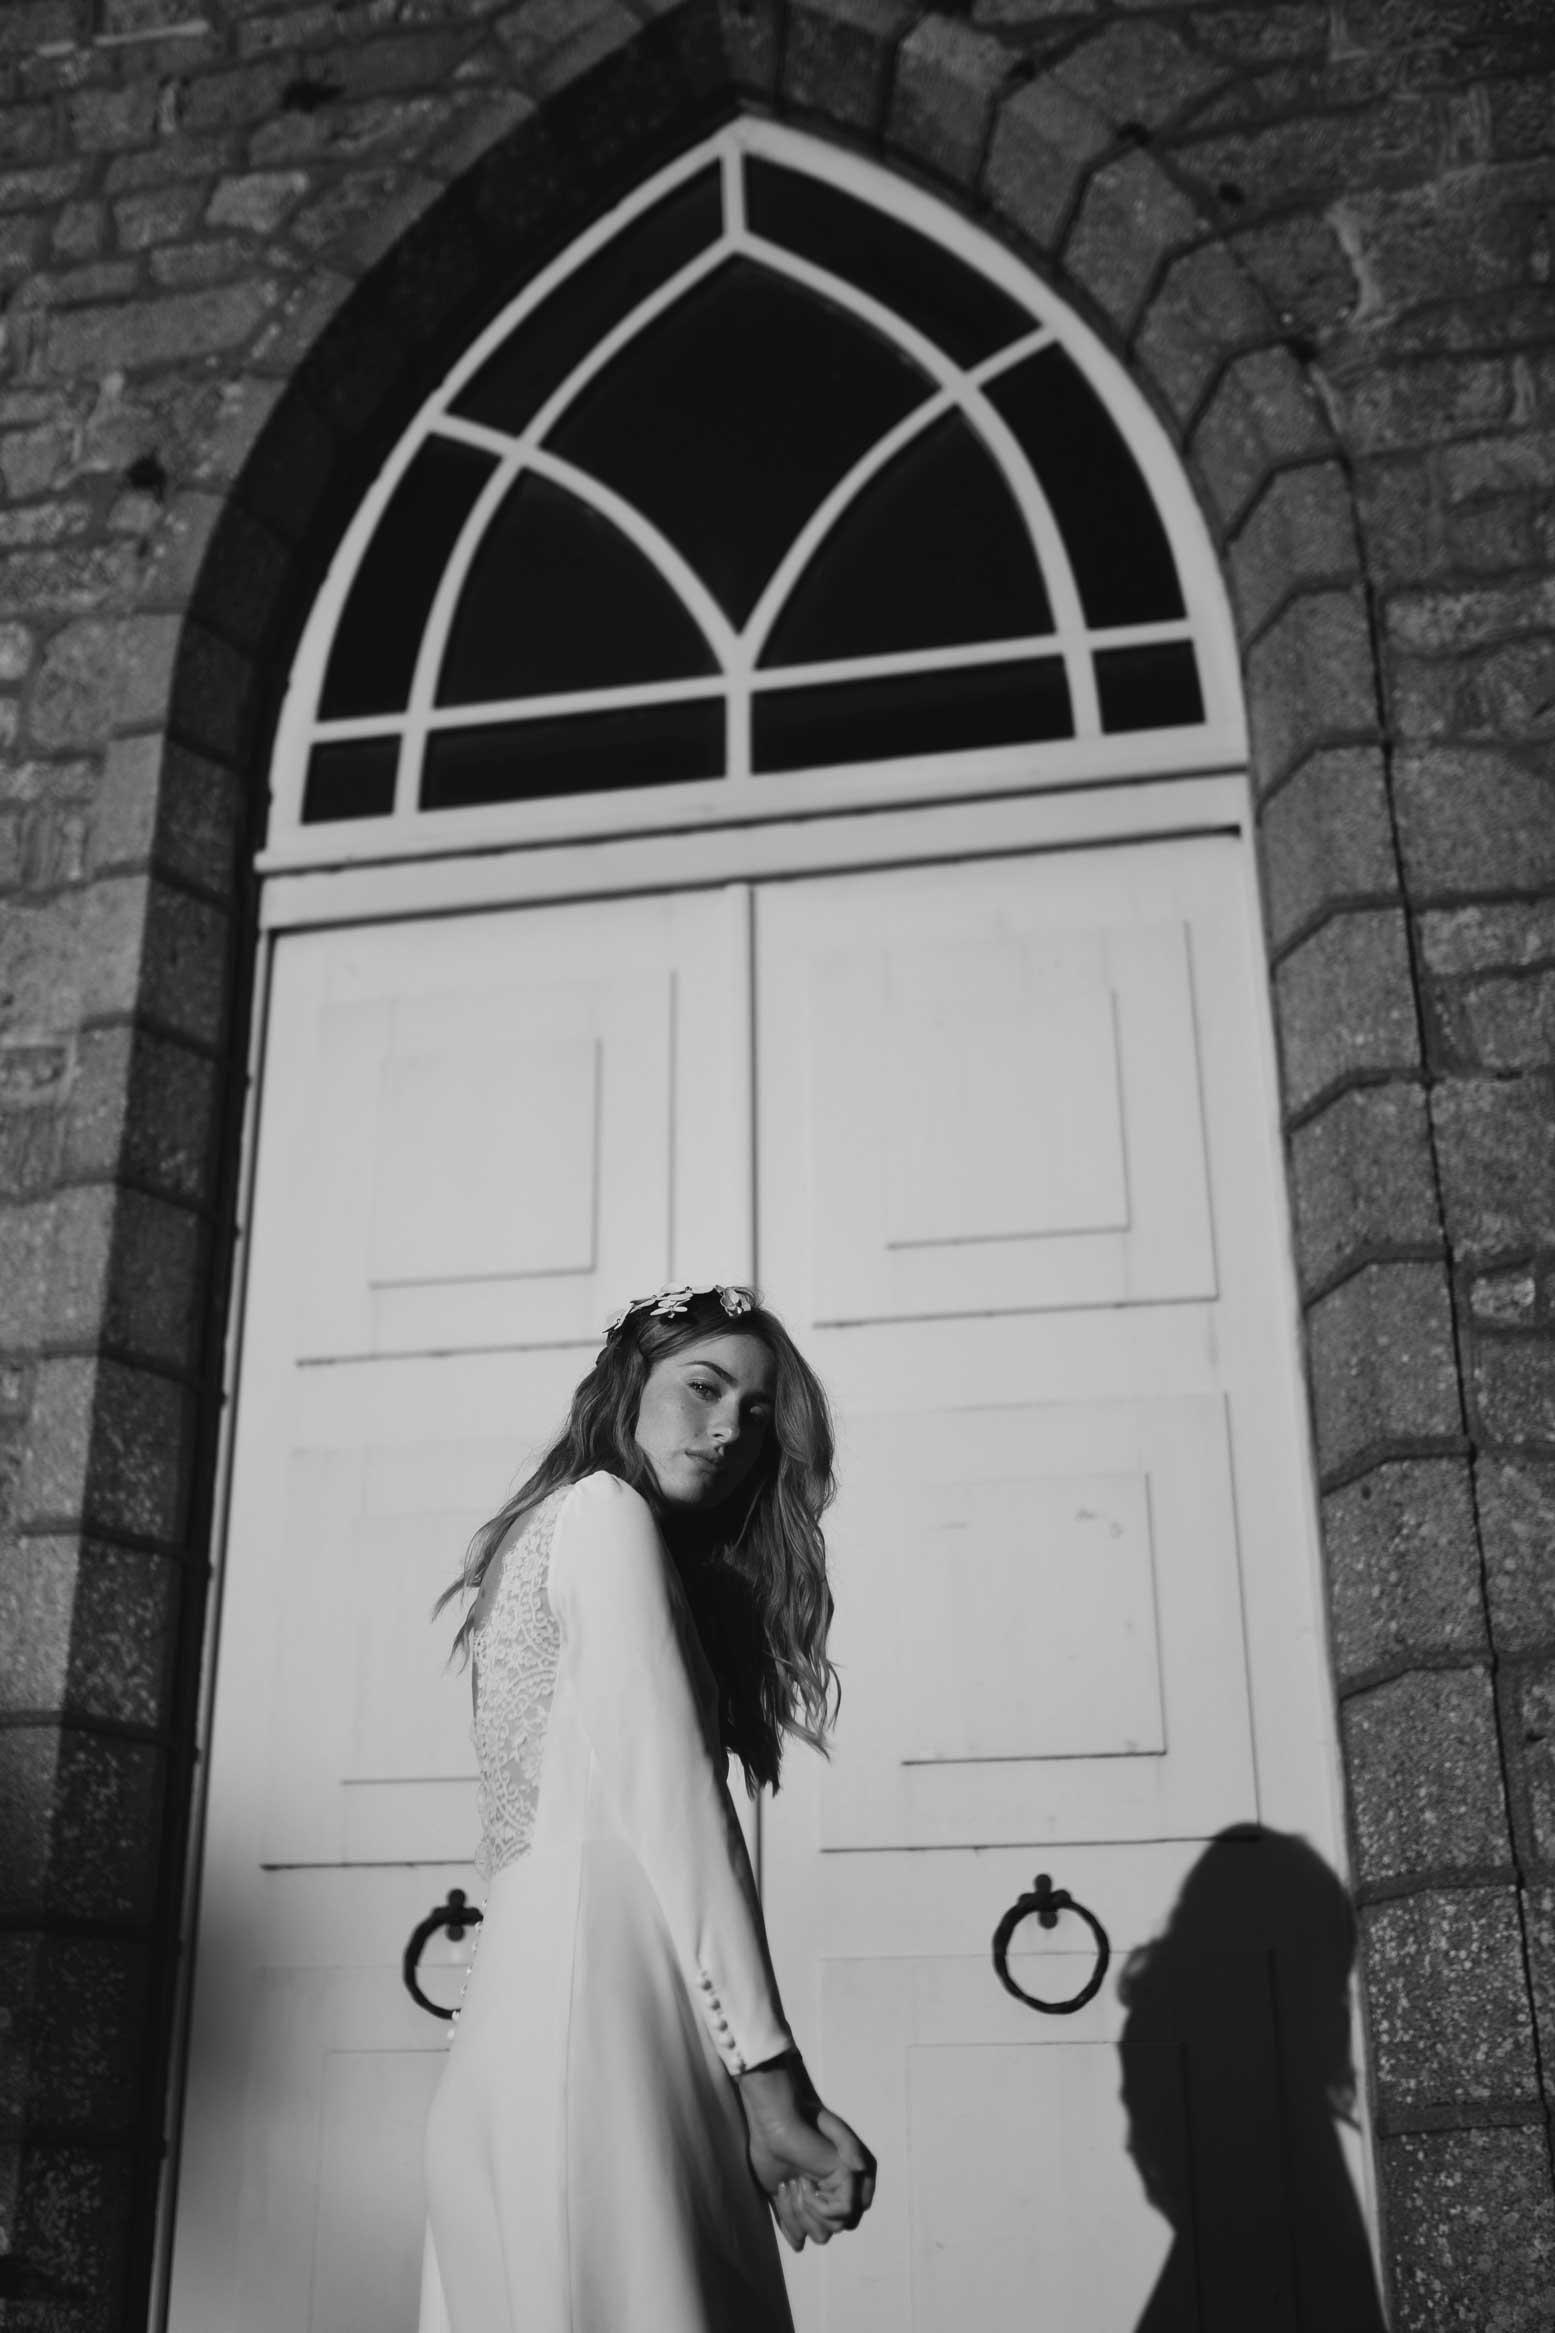 Stéphanie Wolff - Crown of love - Noir et blanc